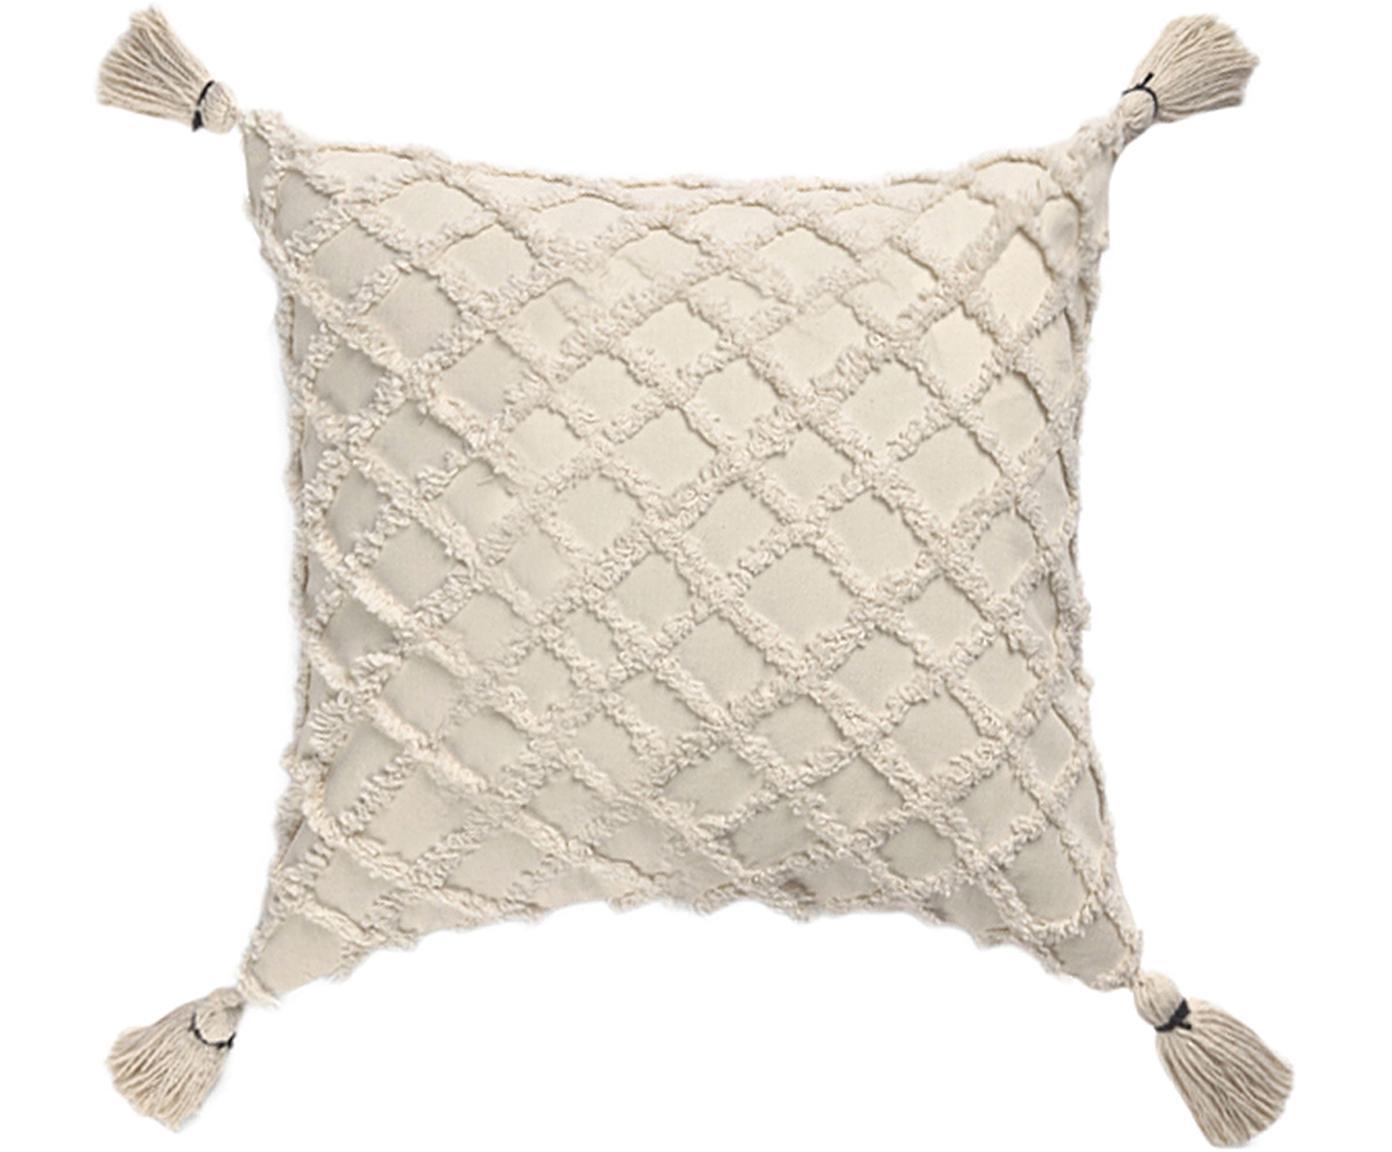 Kussenhoes Royal met hoog-laag patroon, Katoen, Gebroken wit, 45 x 45 cm